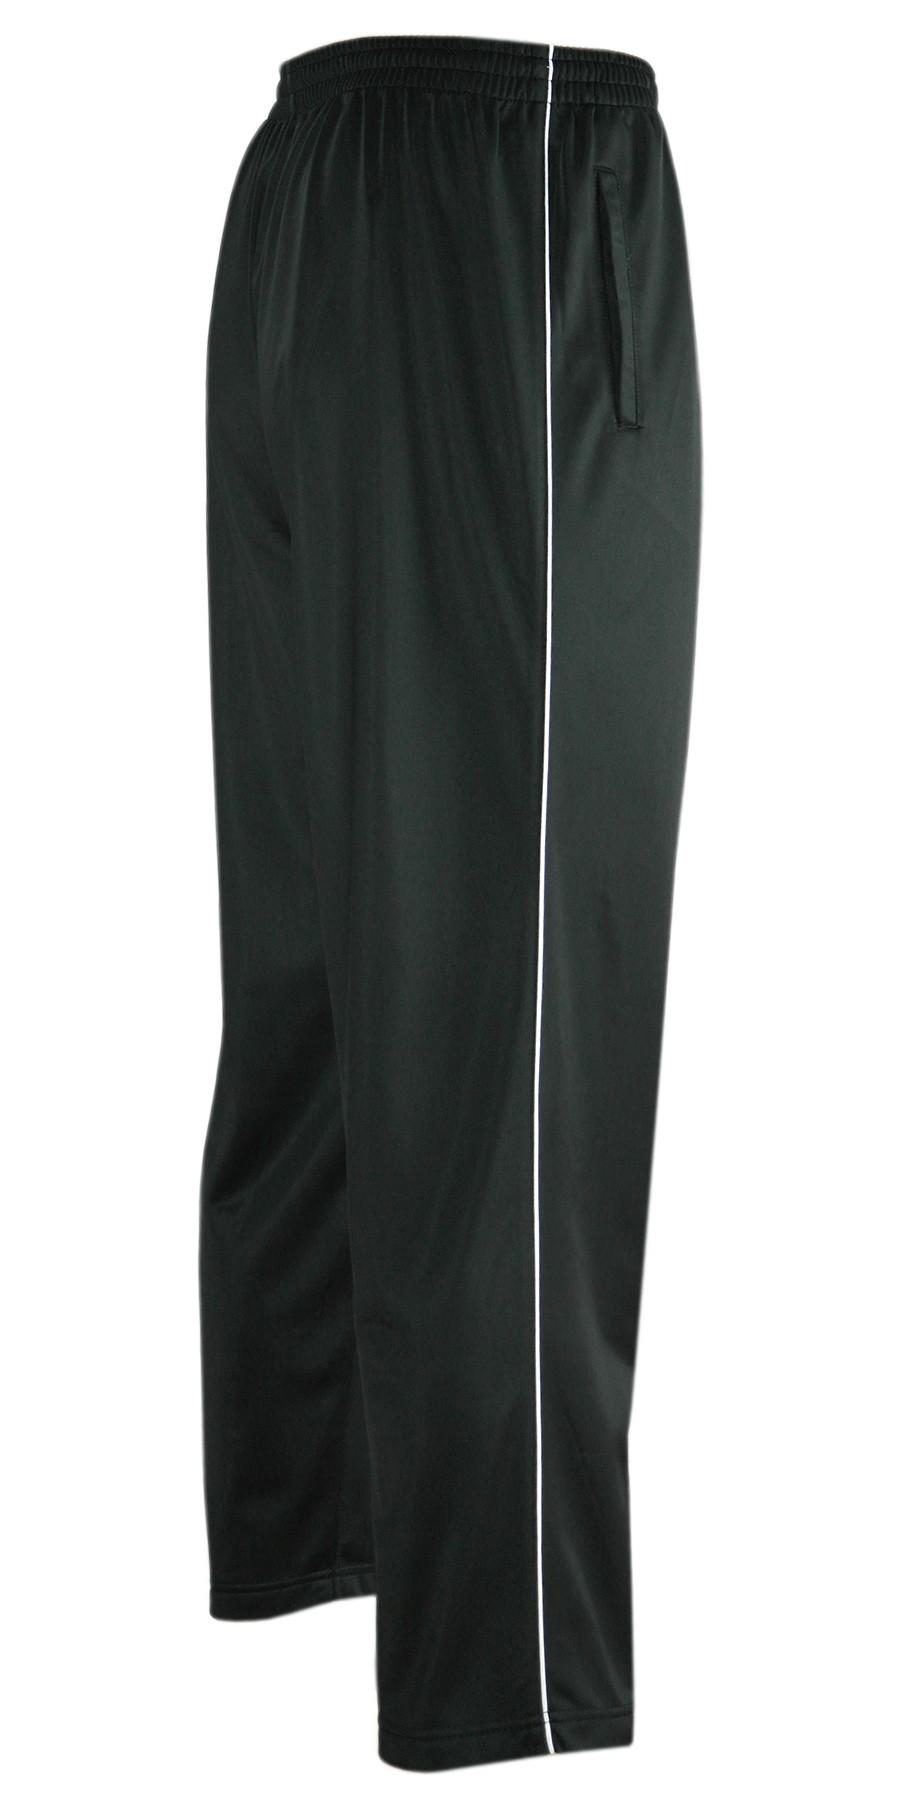 Glänzende Sporthose Herren Freizeit- Jogginghose in Kurzgrößen - schwarz